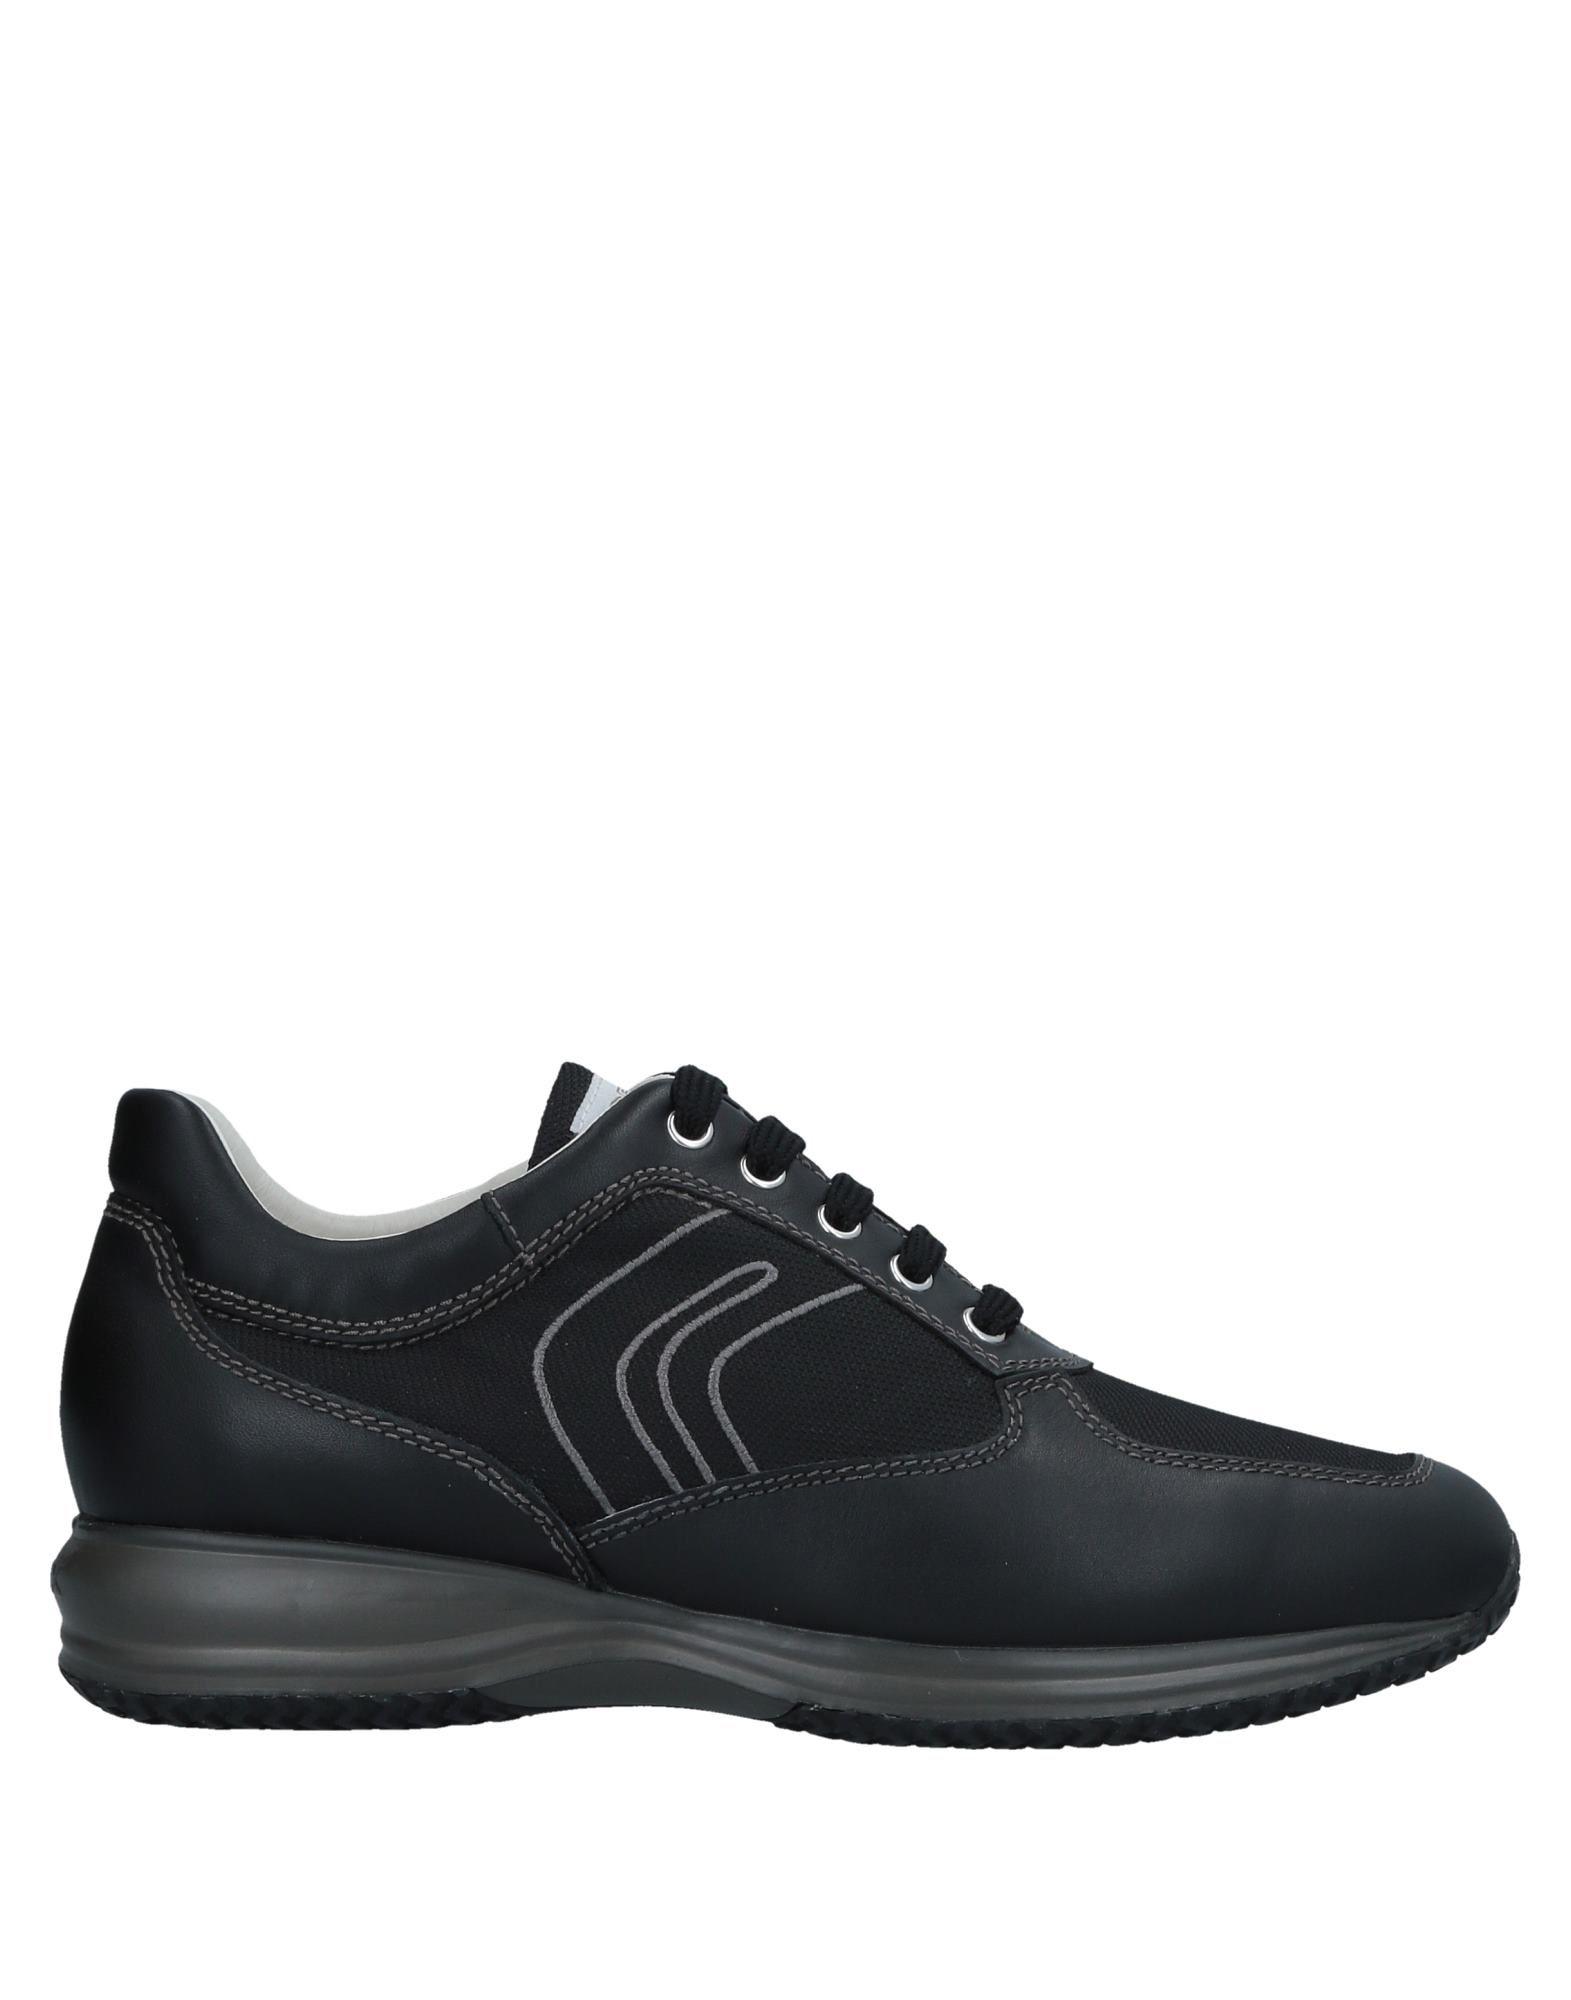 Moda Sneakers Geox Uomo - 11525831GR